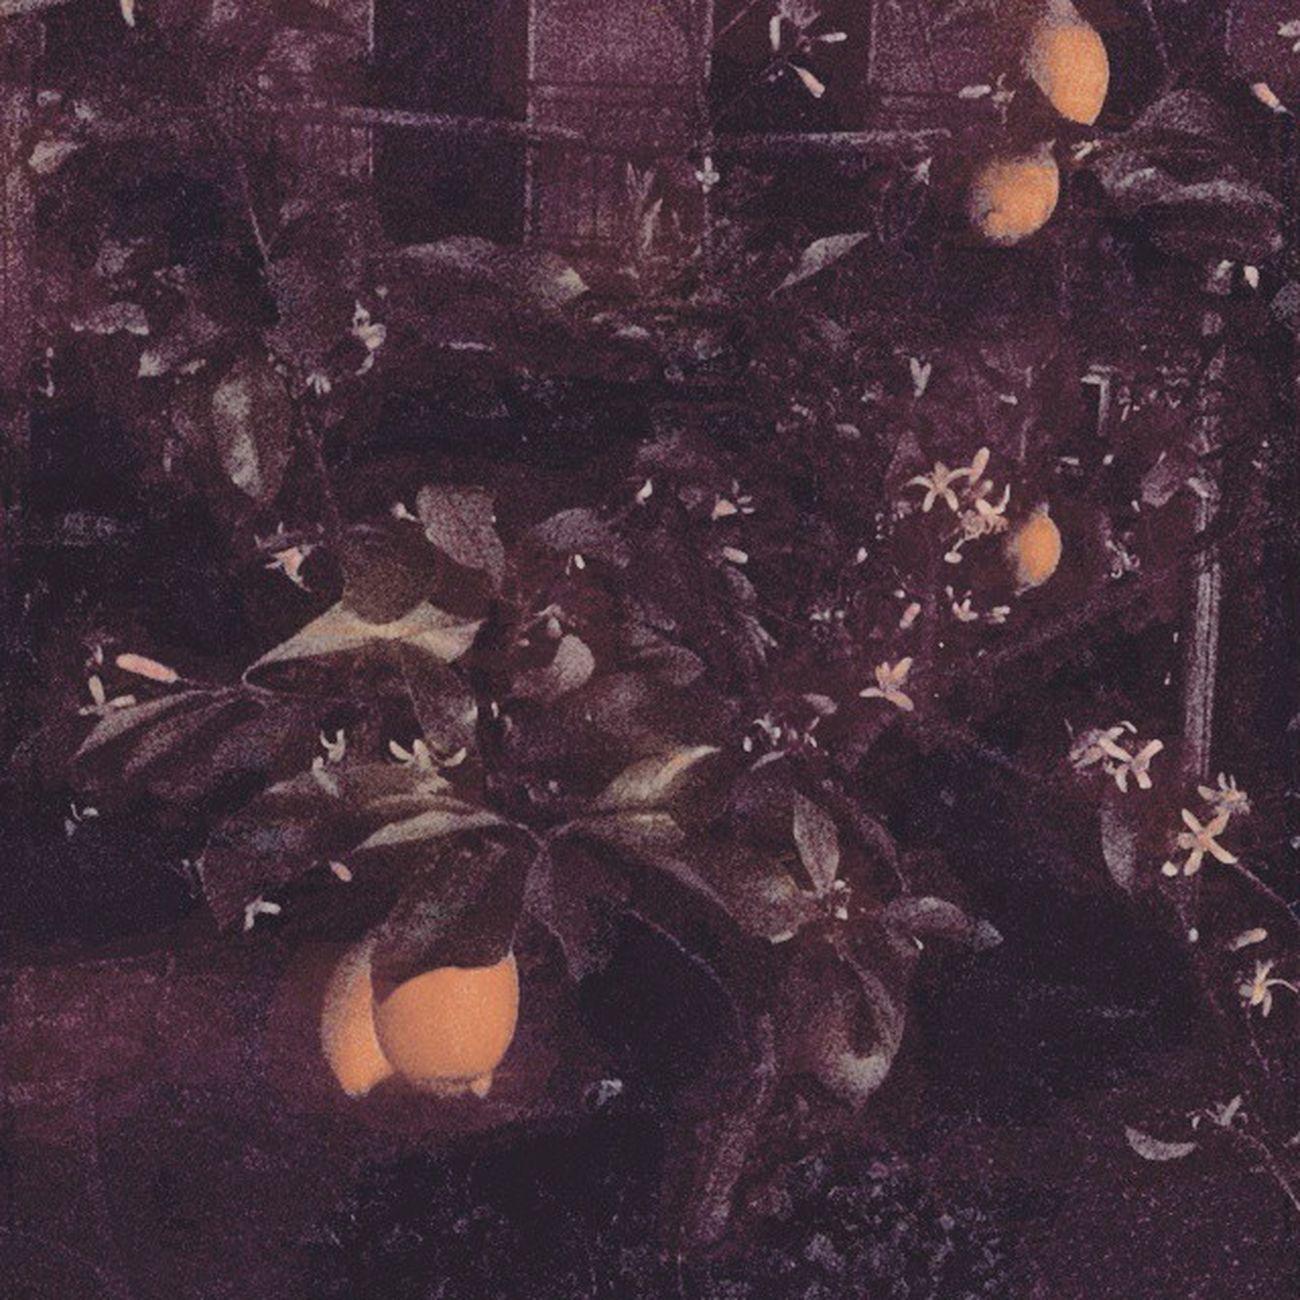 Profumo di stelle di fiore di limone di unione